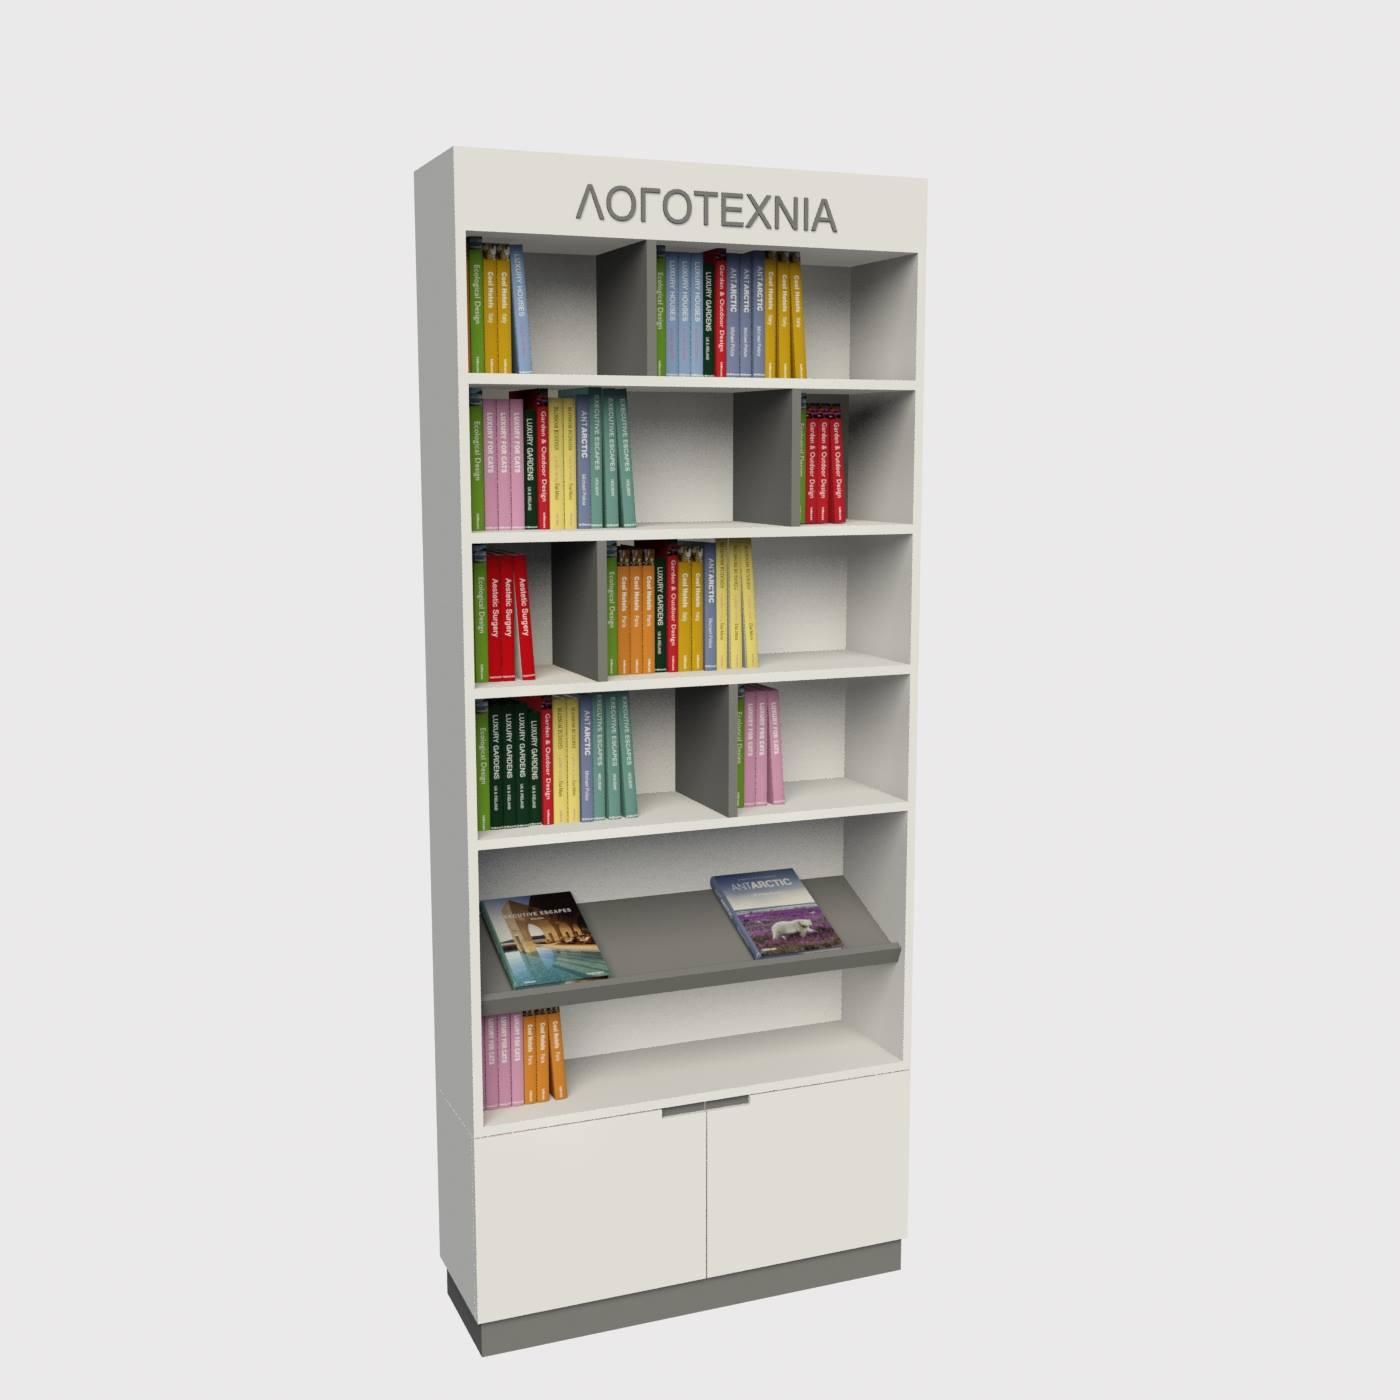 Ράφια για βιβλία σε βιβλιοπωλείο έπιπλα καταστημάτων επιπλώσεις επαγγελματικών χώρων